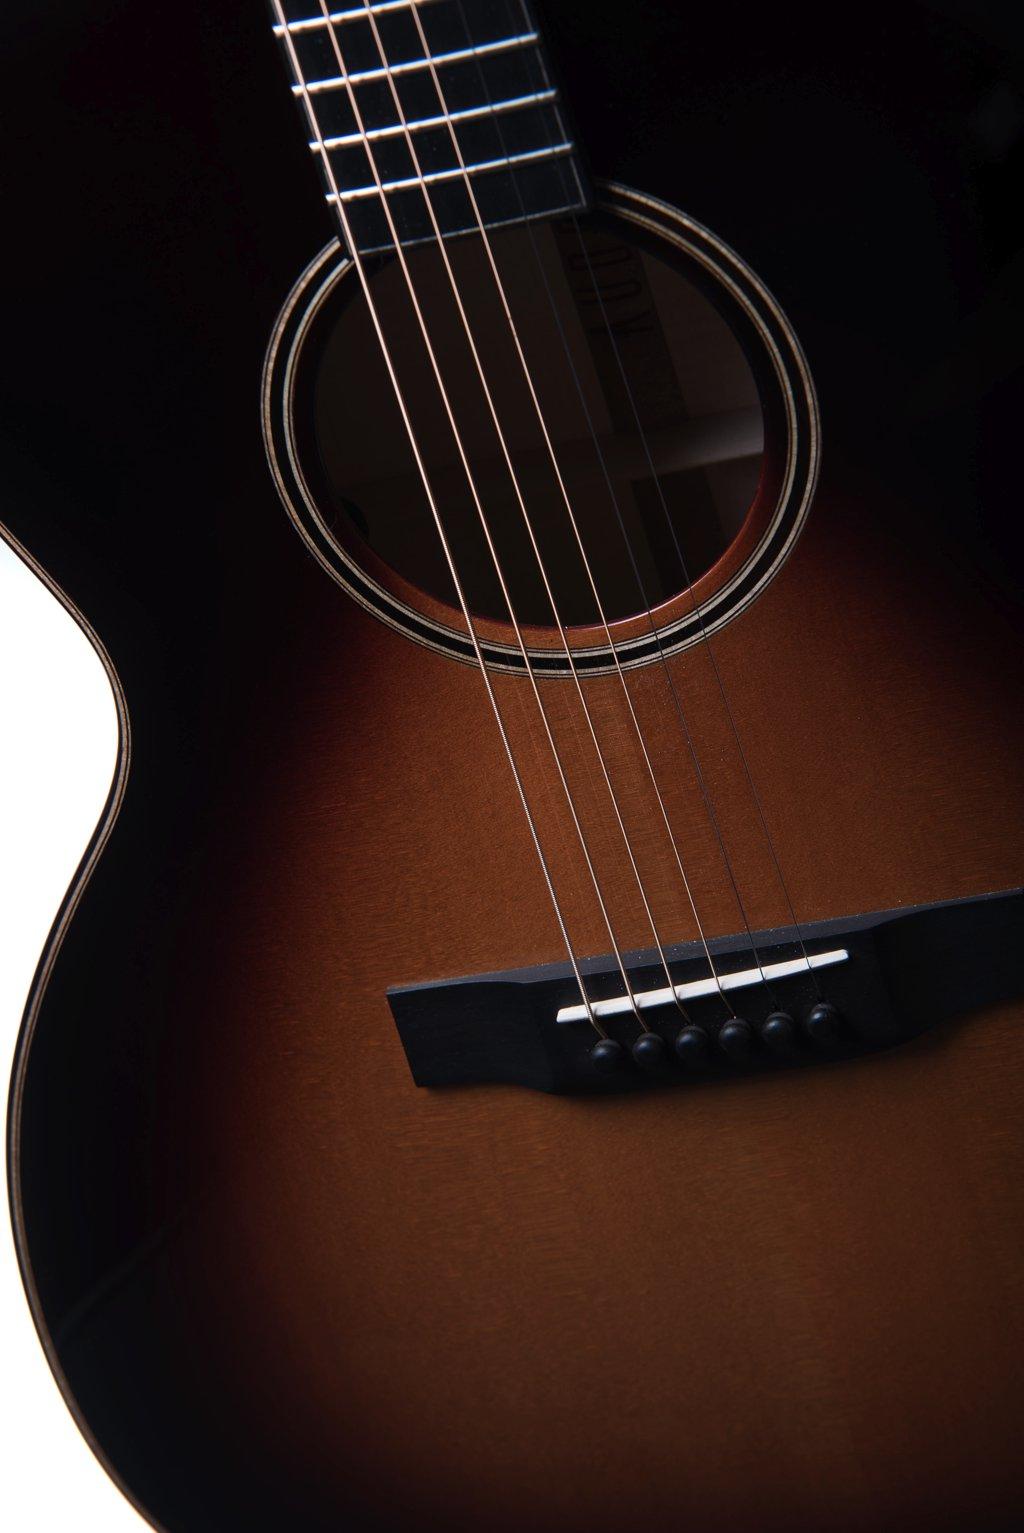 Chester sunburst strings - Auden acoustic guitar